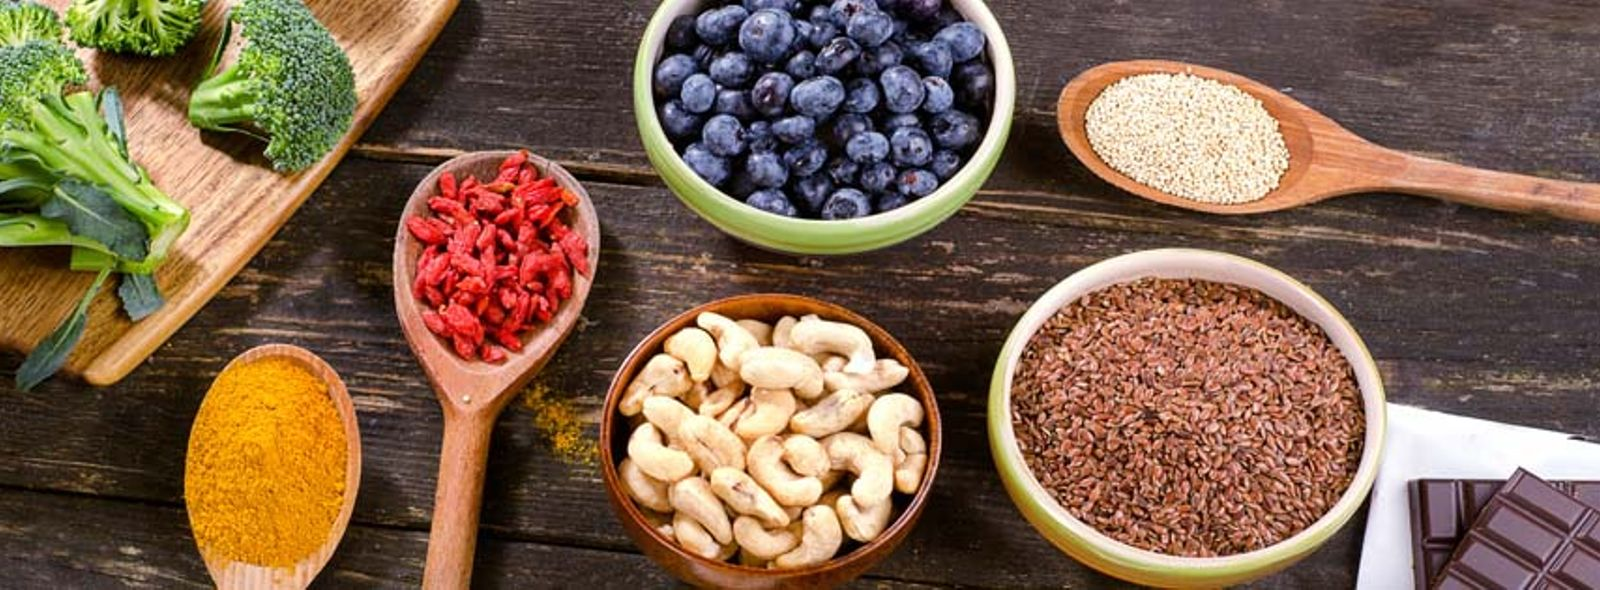 Superfood: gli alimenti che fanno bene alla salute